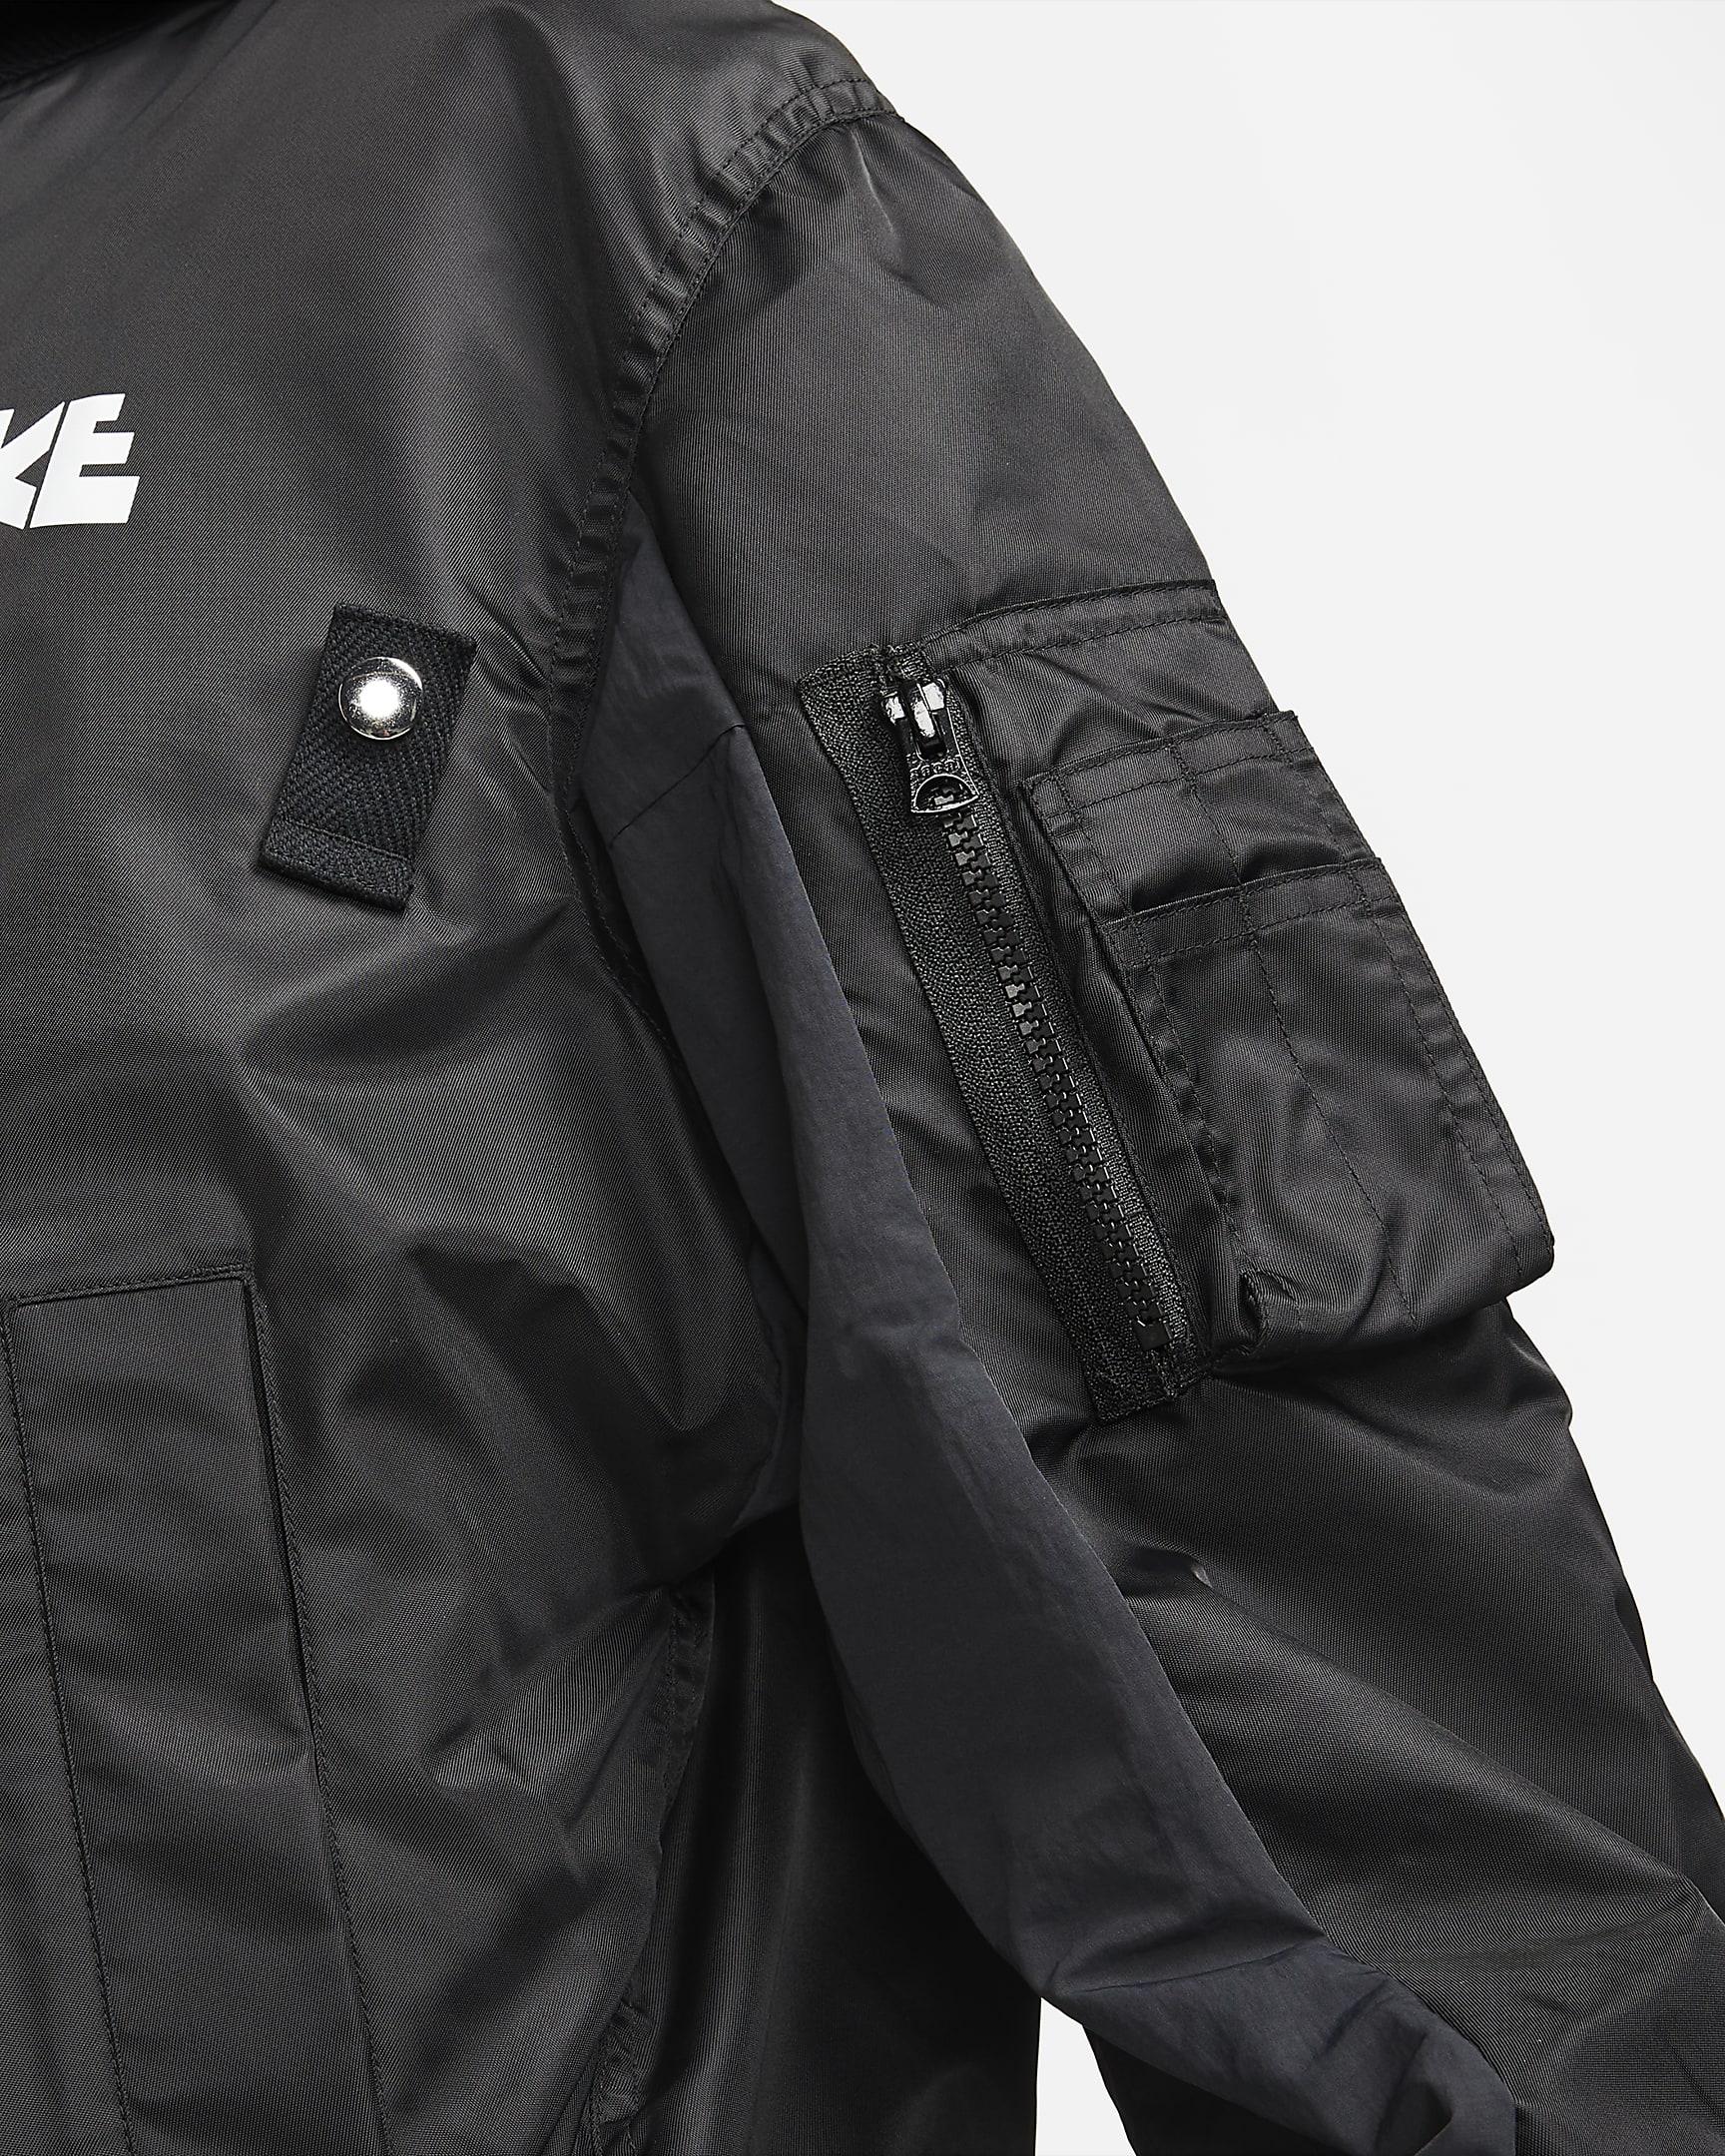 sacai-mens-jacket-Sm6C4c-1.png